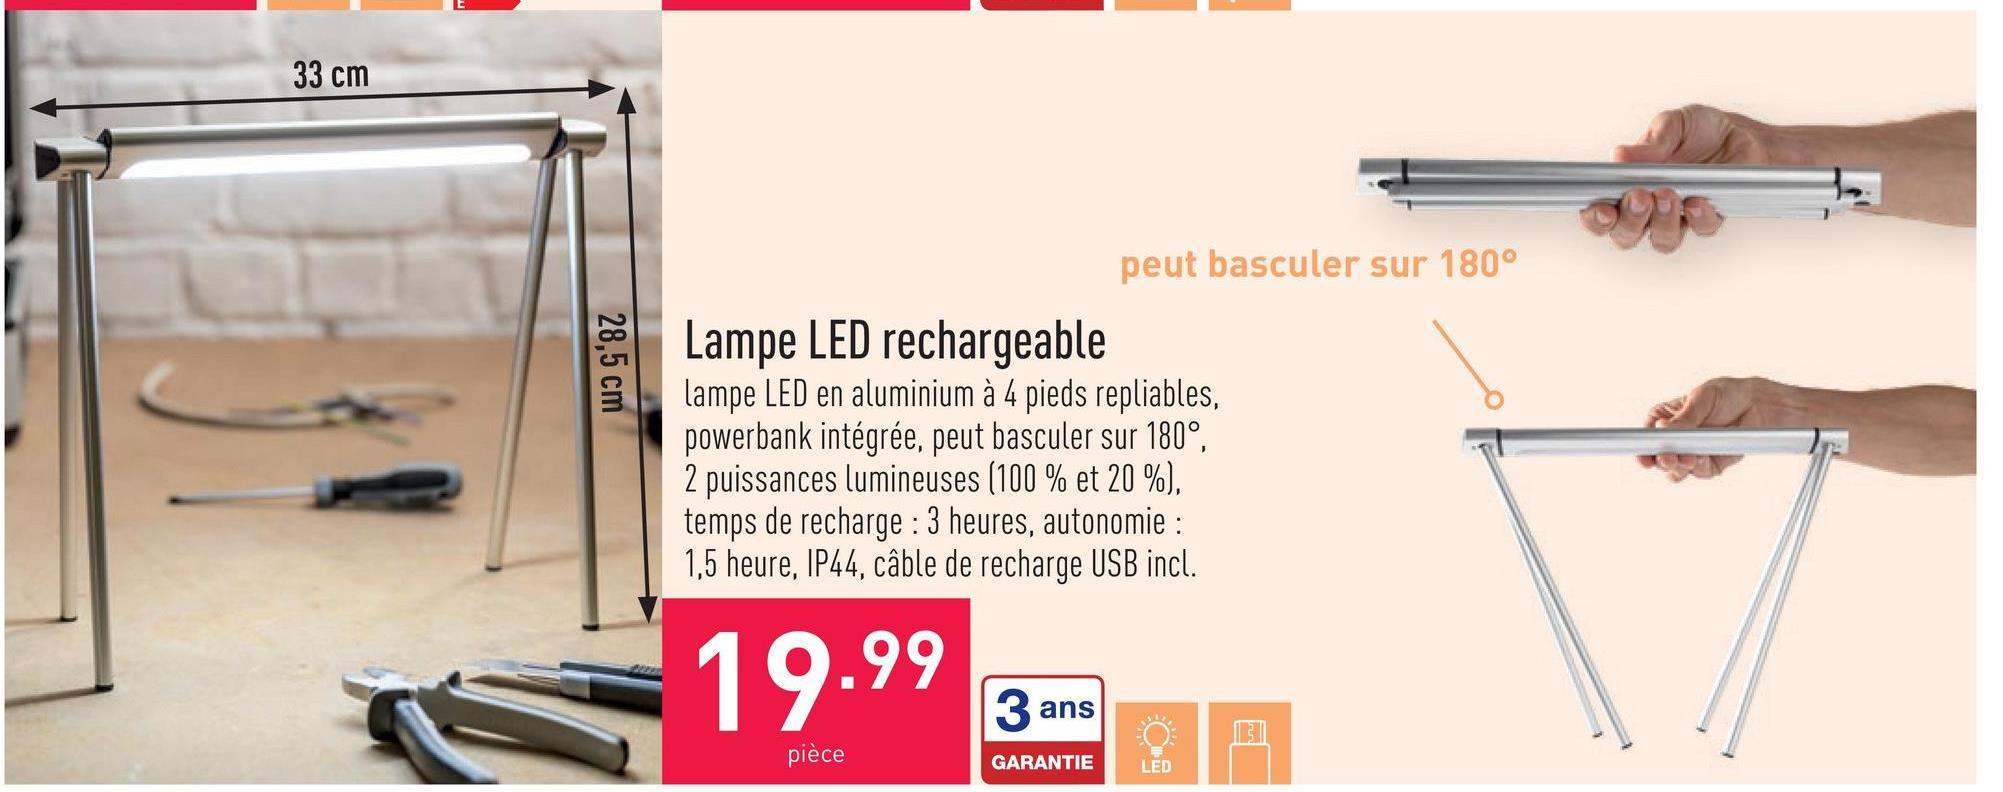 Lampe LED rechargeable lampe LED en aluminium à 4 pieds repliables, powerbank intégrée, peut basculer sur 180°, 2 puissances lumineuses (100 % et 20 %), temps de recharge : 3 heures, autonomie : 1,5 heure, IP44, câble de recharge USB incl.